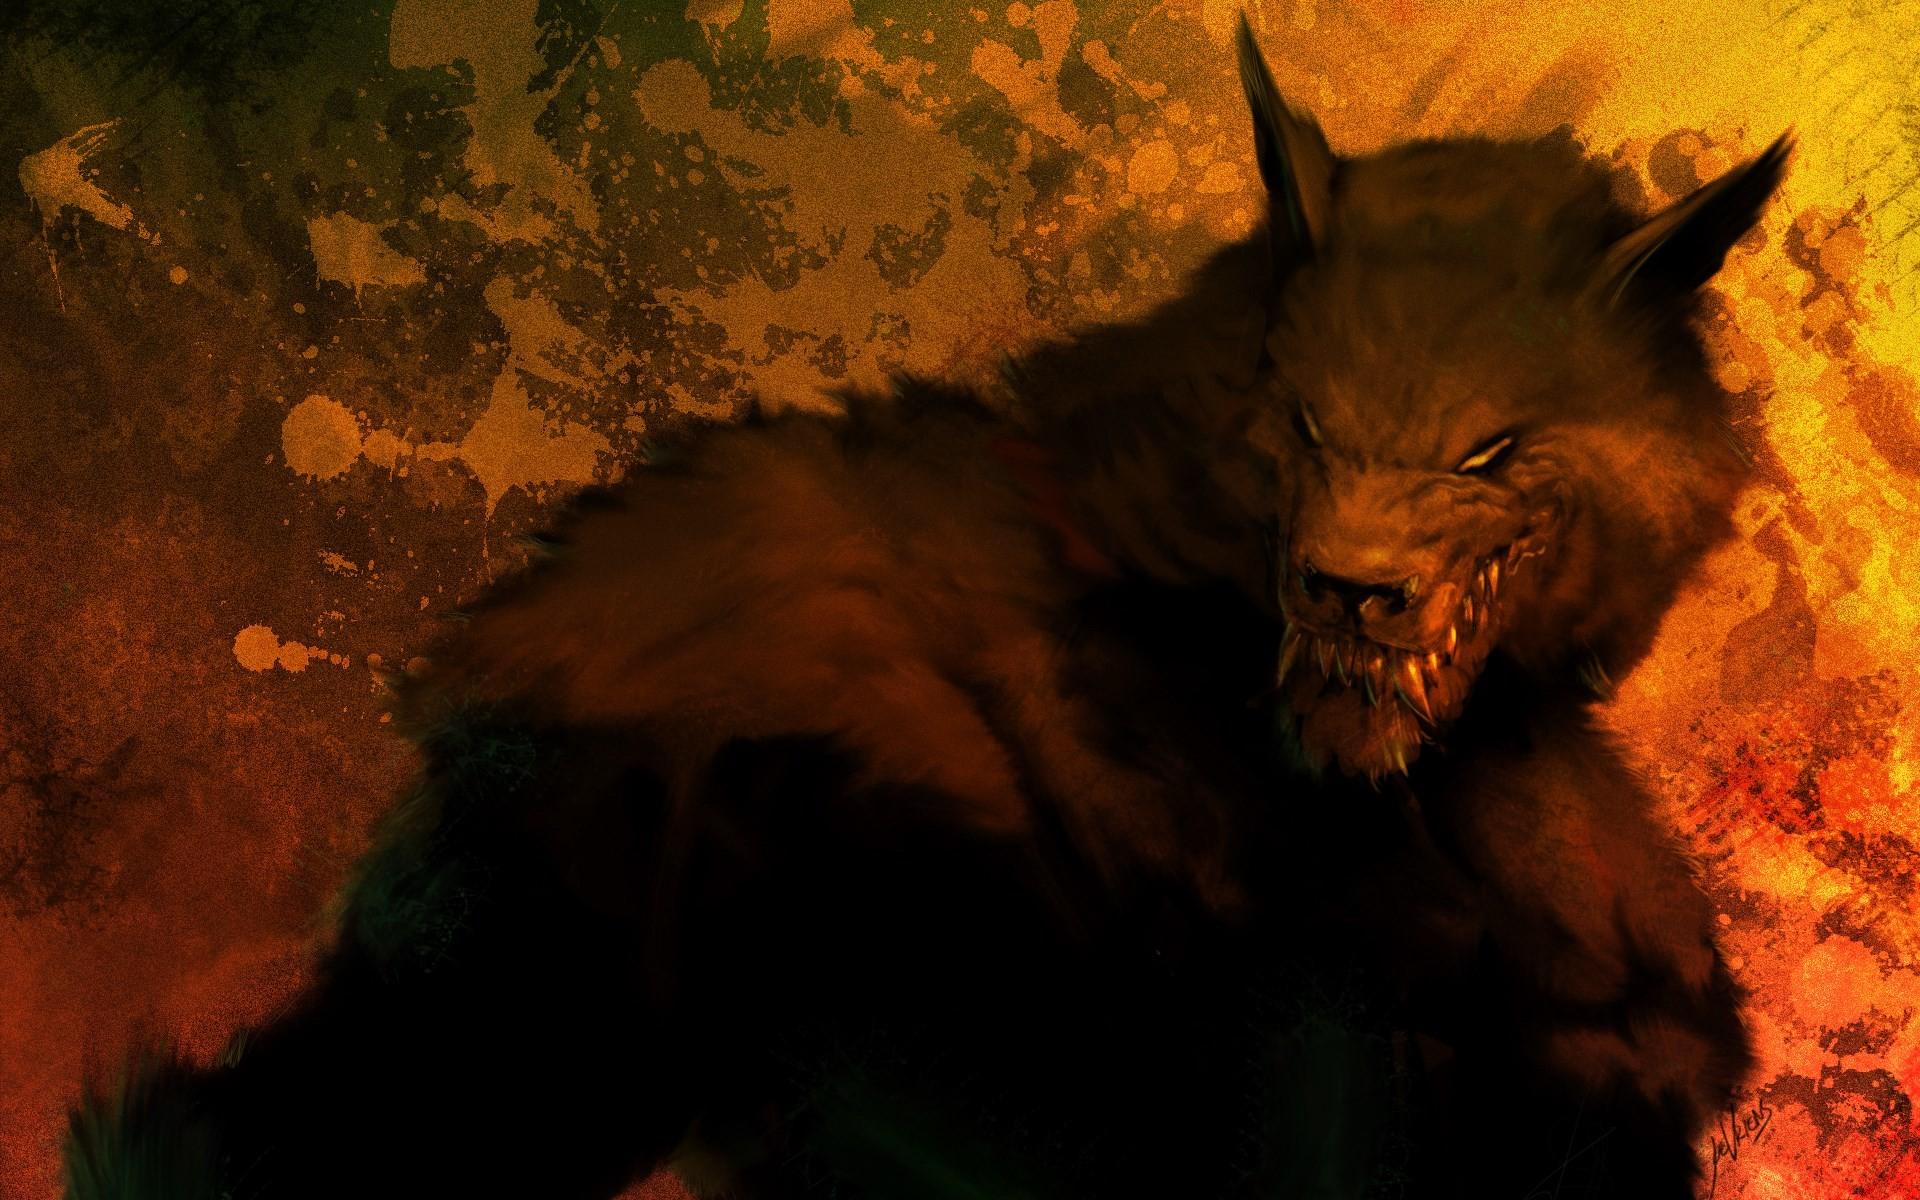 werewolf computer wallpaper backgrounds – werewolf category